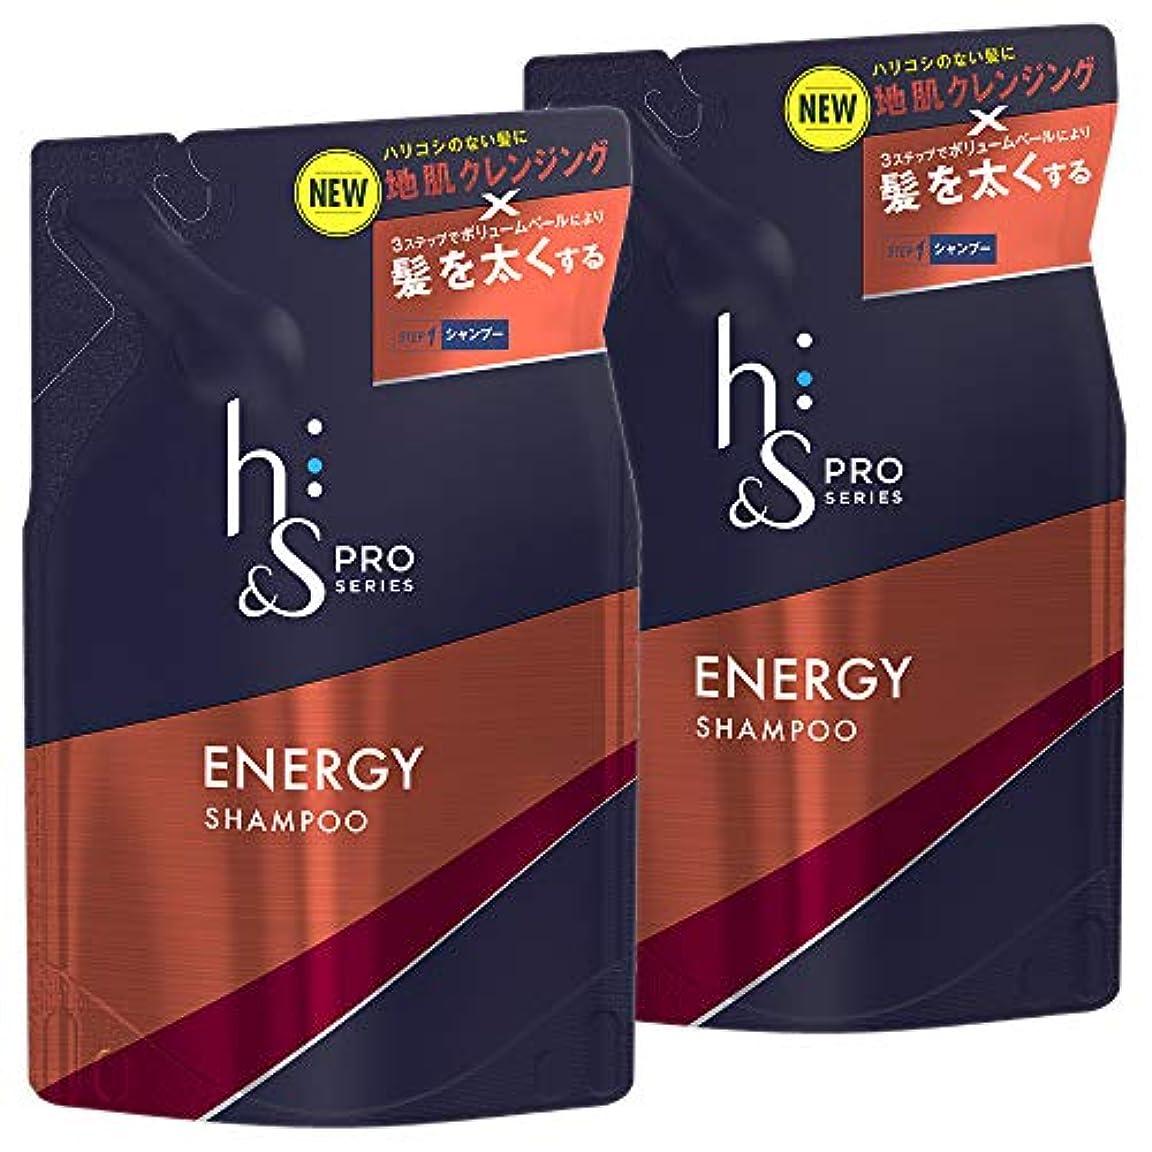 狭い百科事典侮辱【まとめ買い】 h&s for men シャンプー PRO Series エナジー 詰め替え 300mL×2個